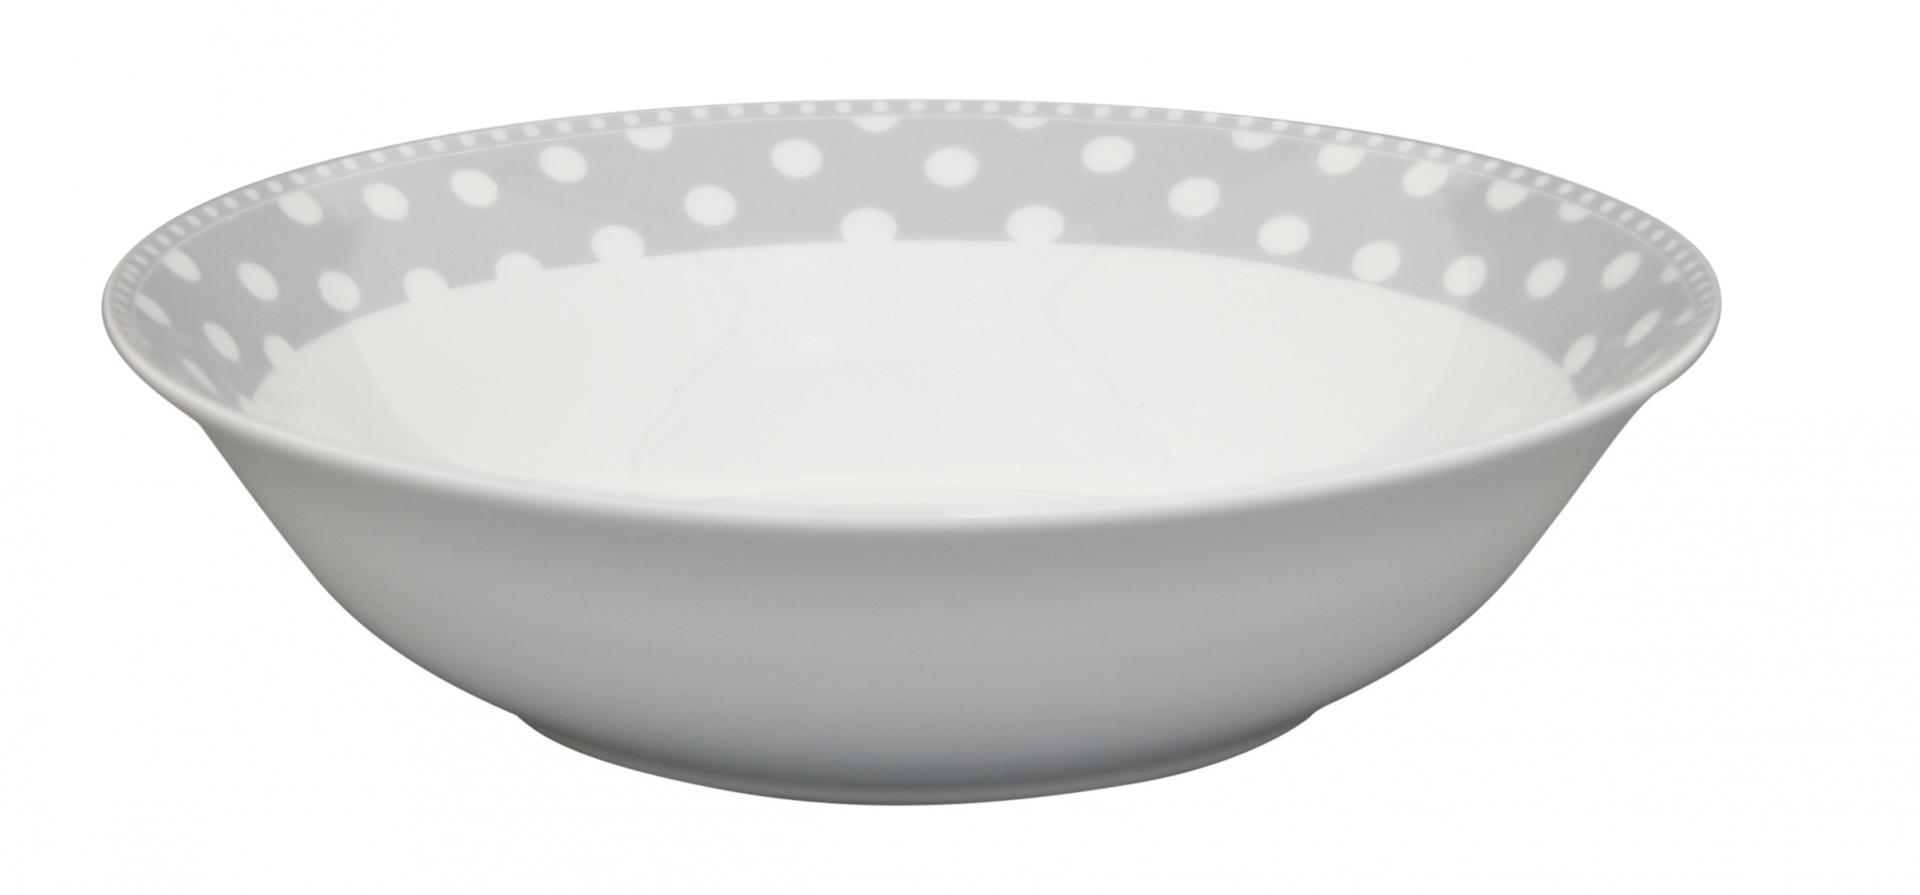 Krasilnikoff Porcelánová salátová mísa Dots Grey, šedá barva, bílá barva, porcelán